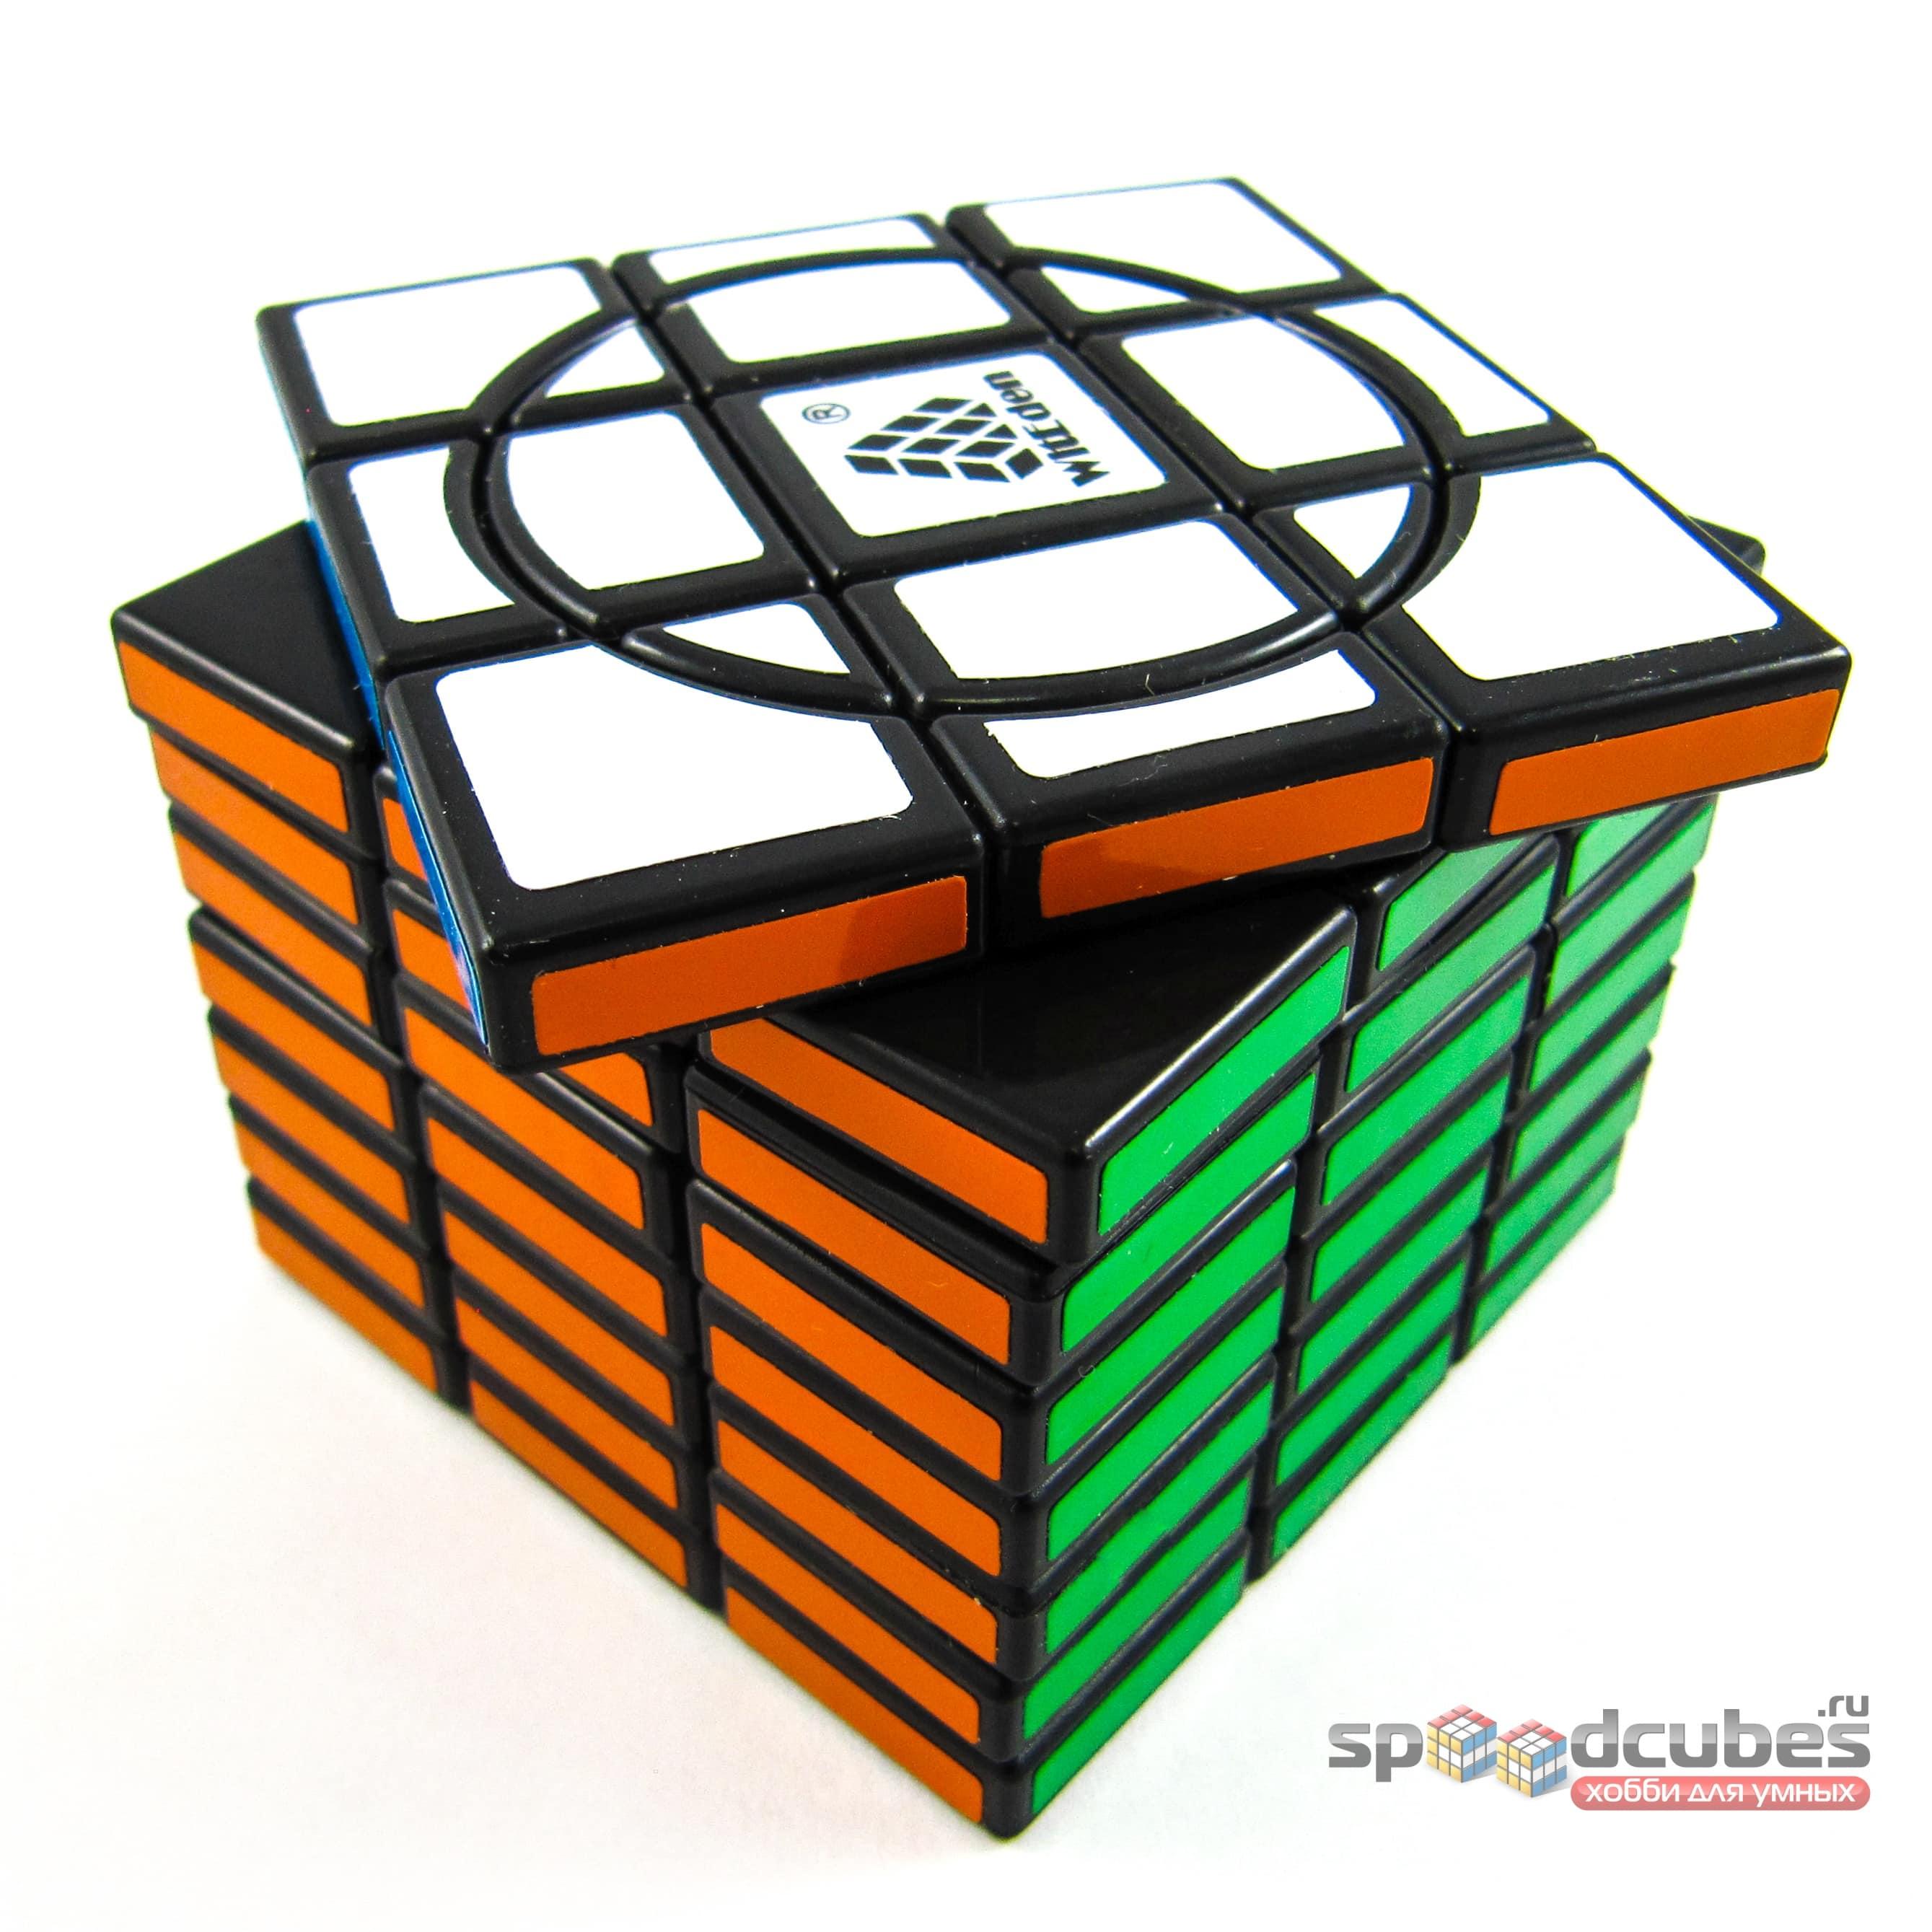 Witeden 3x3x8 II 2